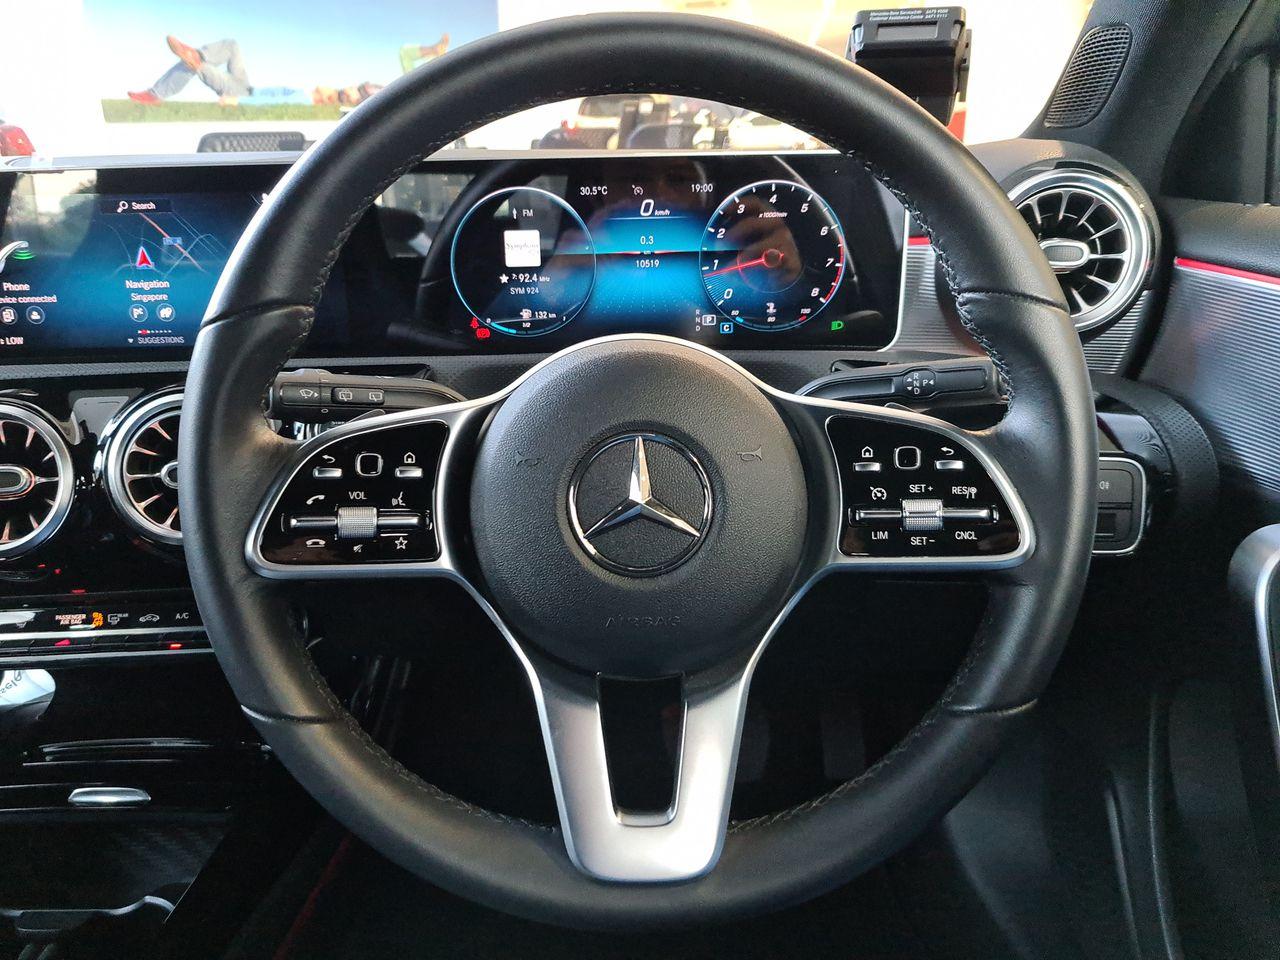 Mercedes Benz A200 COMPT SALN PROGRESSIVE (R18 LED)